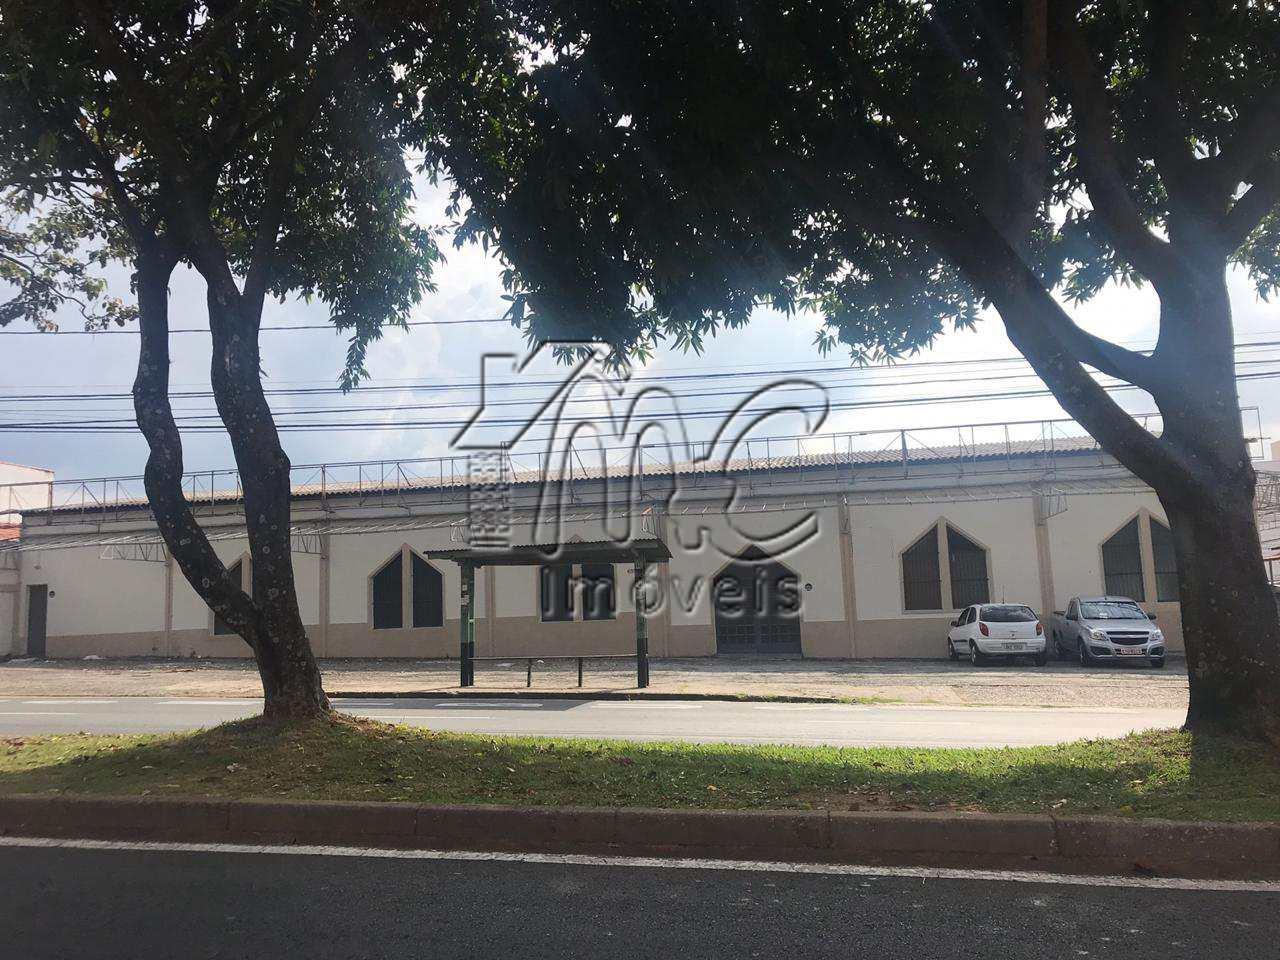 Armazém/Barracão, para locação, Vila Gabriel, Sorocaba/SP.